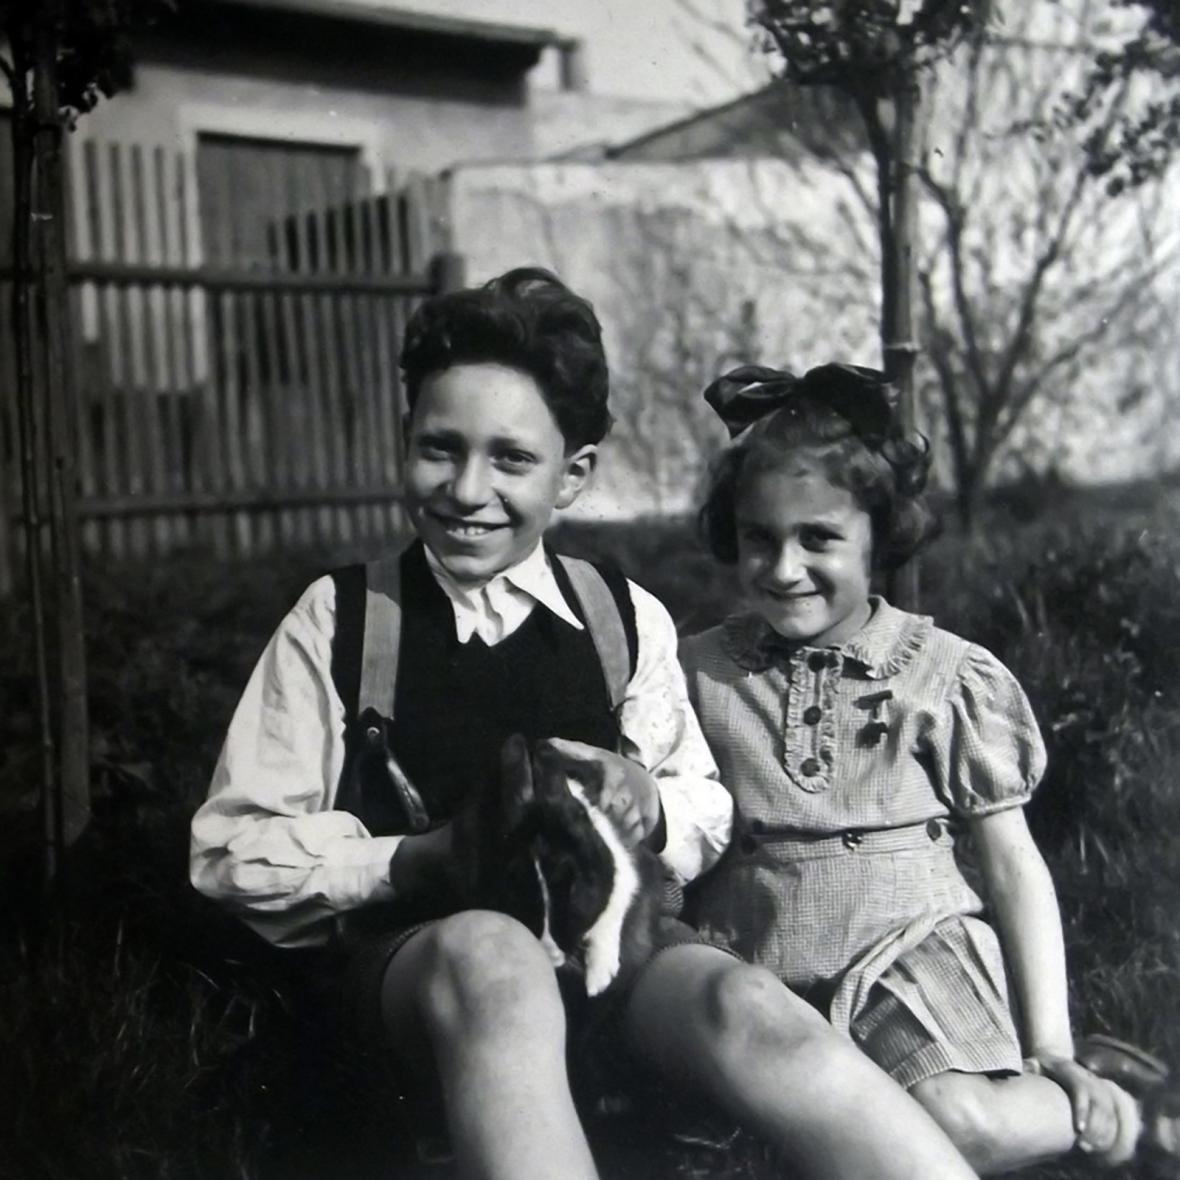 Pavel Werner přežil červencovou selekci v koncentračním táboře v Osvětimi. Spolu s 89 ostatními chlapci podobného osudu si začali říkat Birkenau Boys. Konce války se dočkalo jen několik z nich.